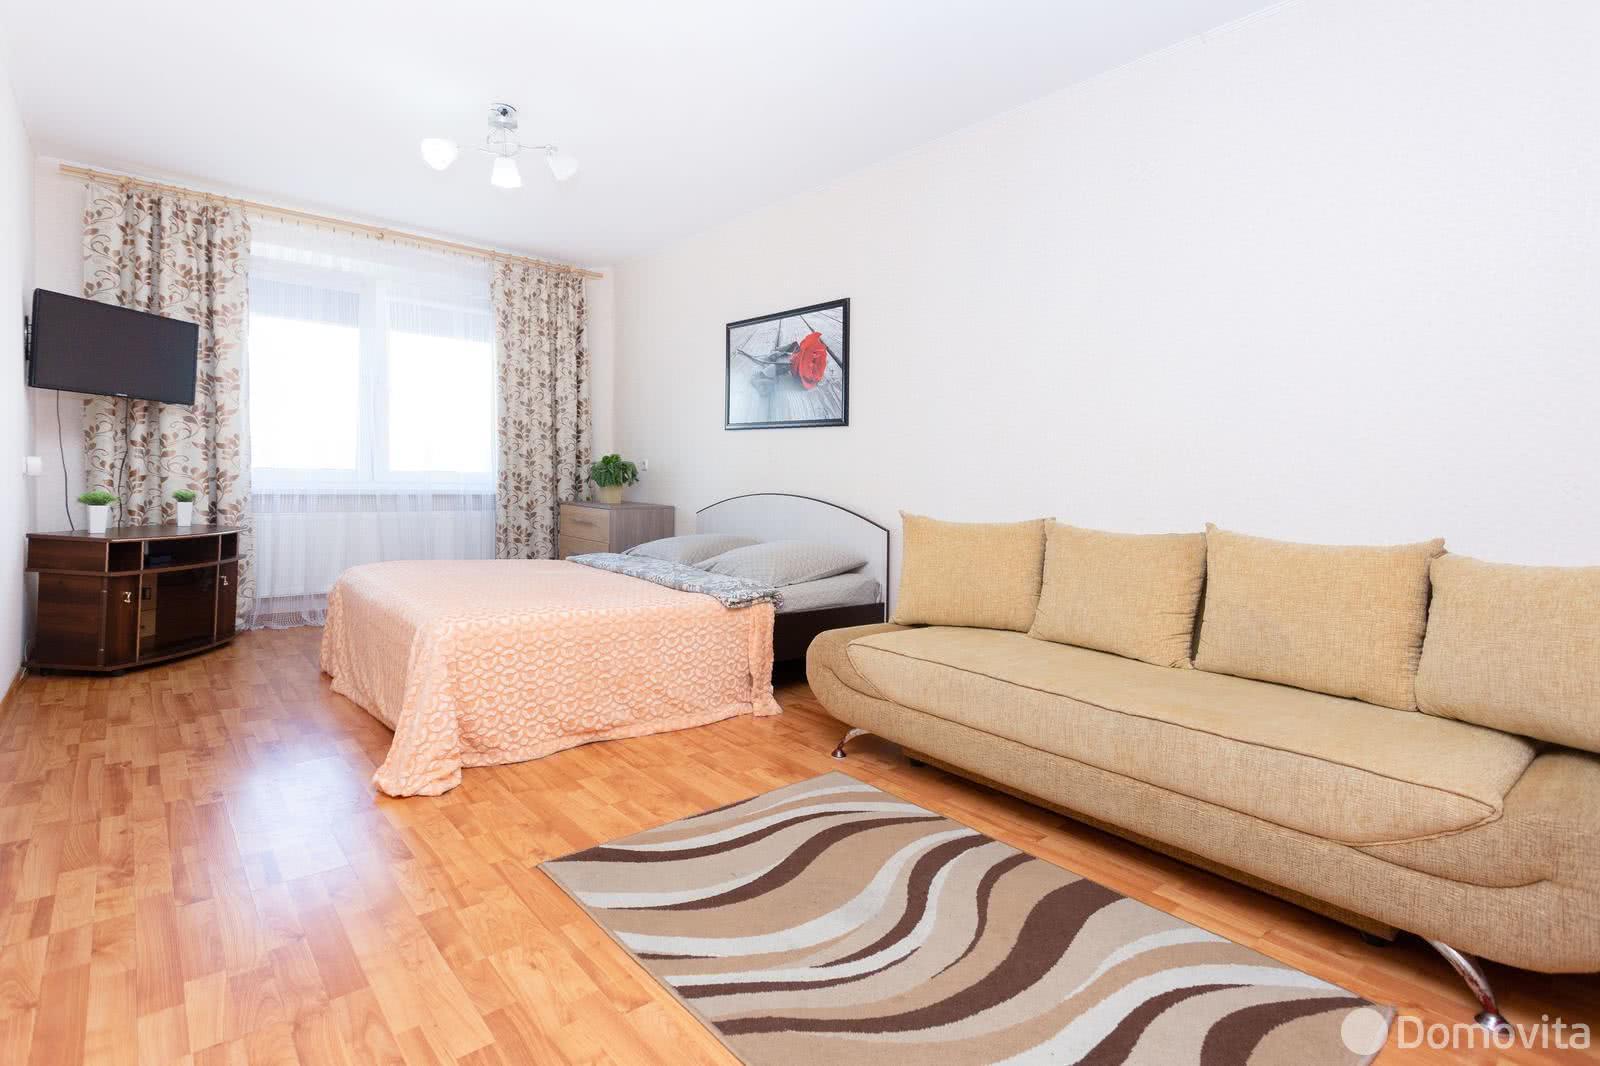 Аренда 1-комнатной квартиры на сутки в Минске ул. Германовская, д. 17 - фото 2